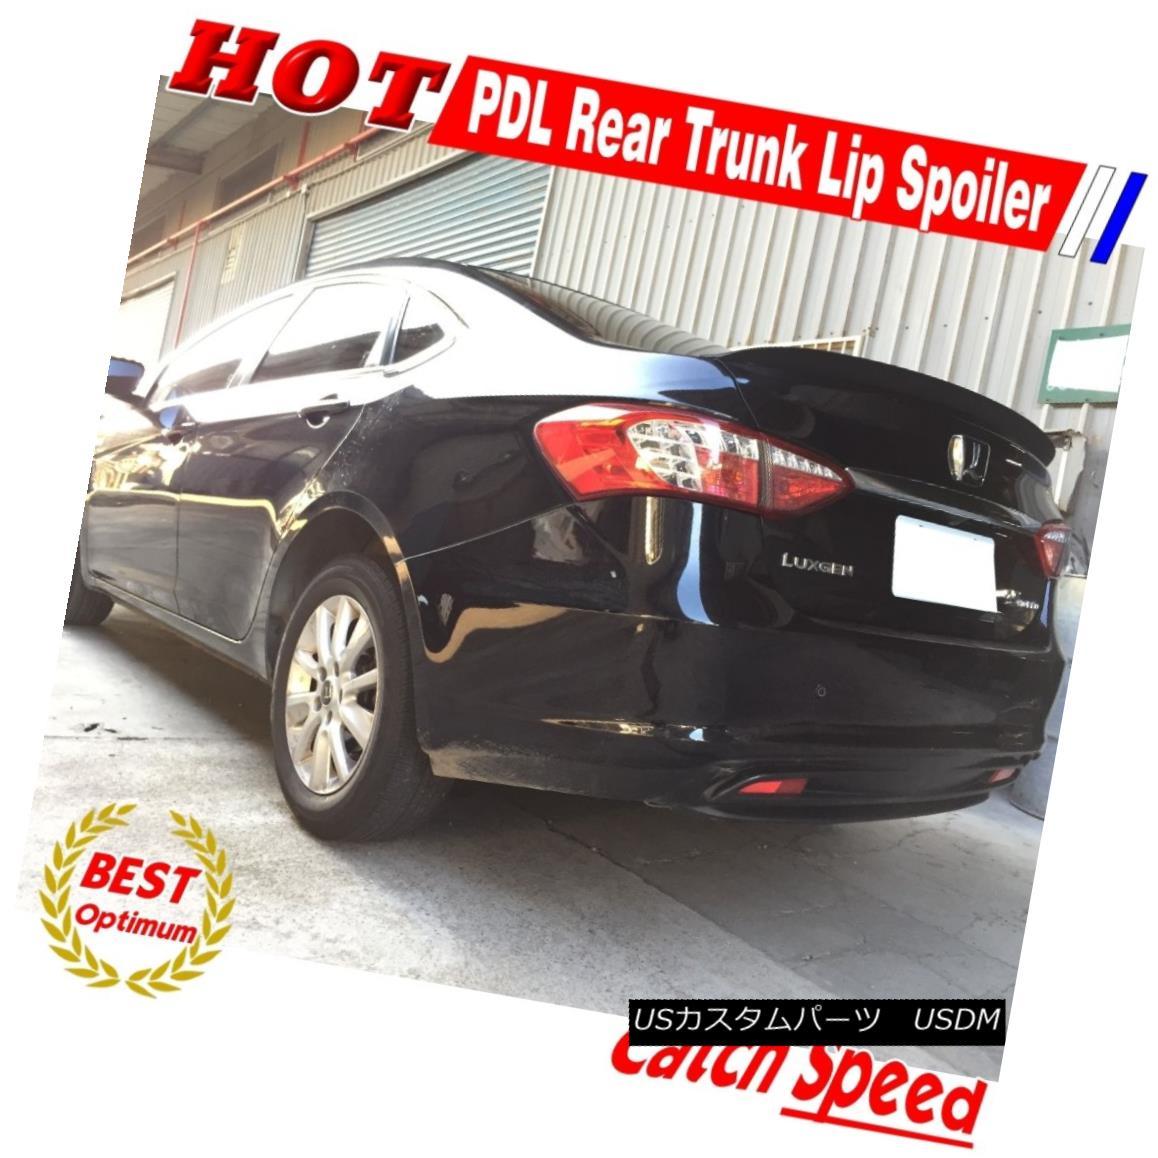 エアロパーツ Flat Black P Type Rear Trunk Spoiler Wing For Chrysler 300 300M 1996~2004 Sedan フラットブラックPタイプリアトランク・スポイラー・ウィングクライスラー300 300M 1996?2004セダン